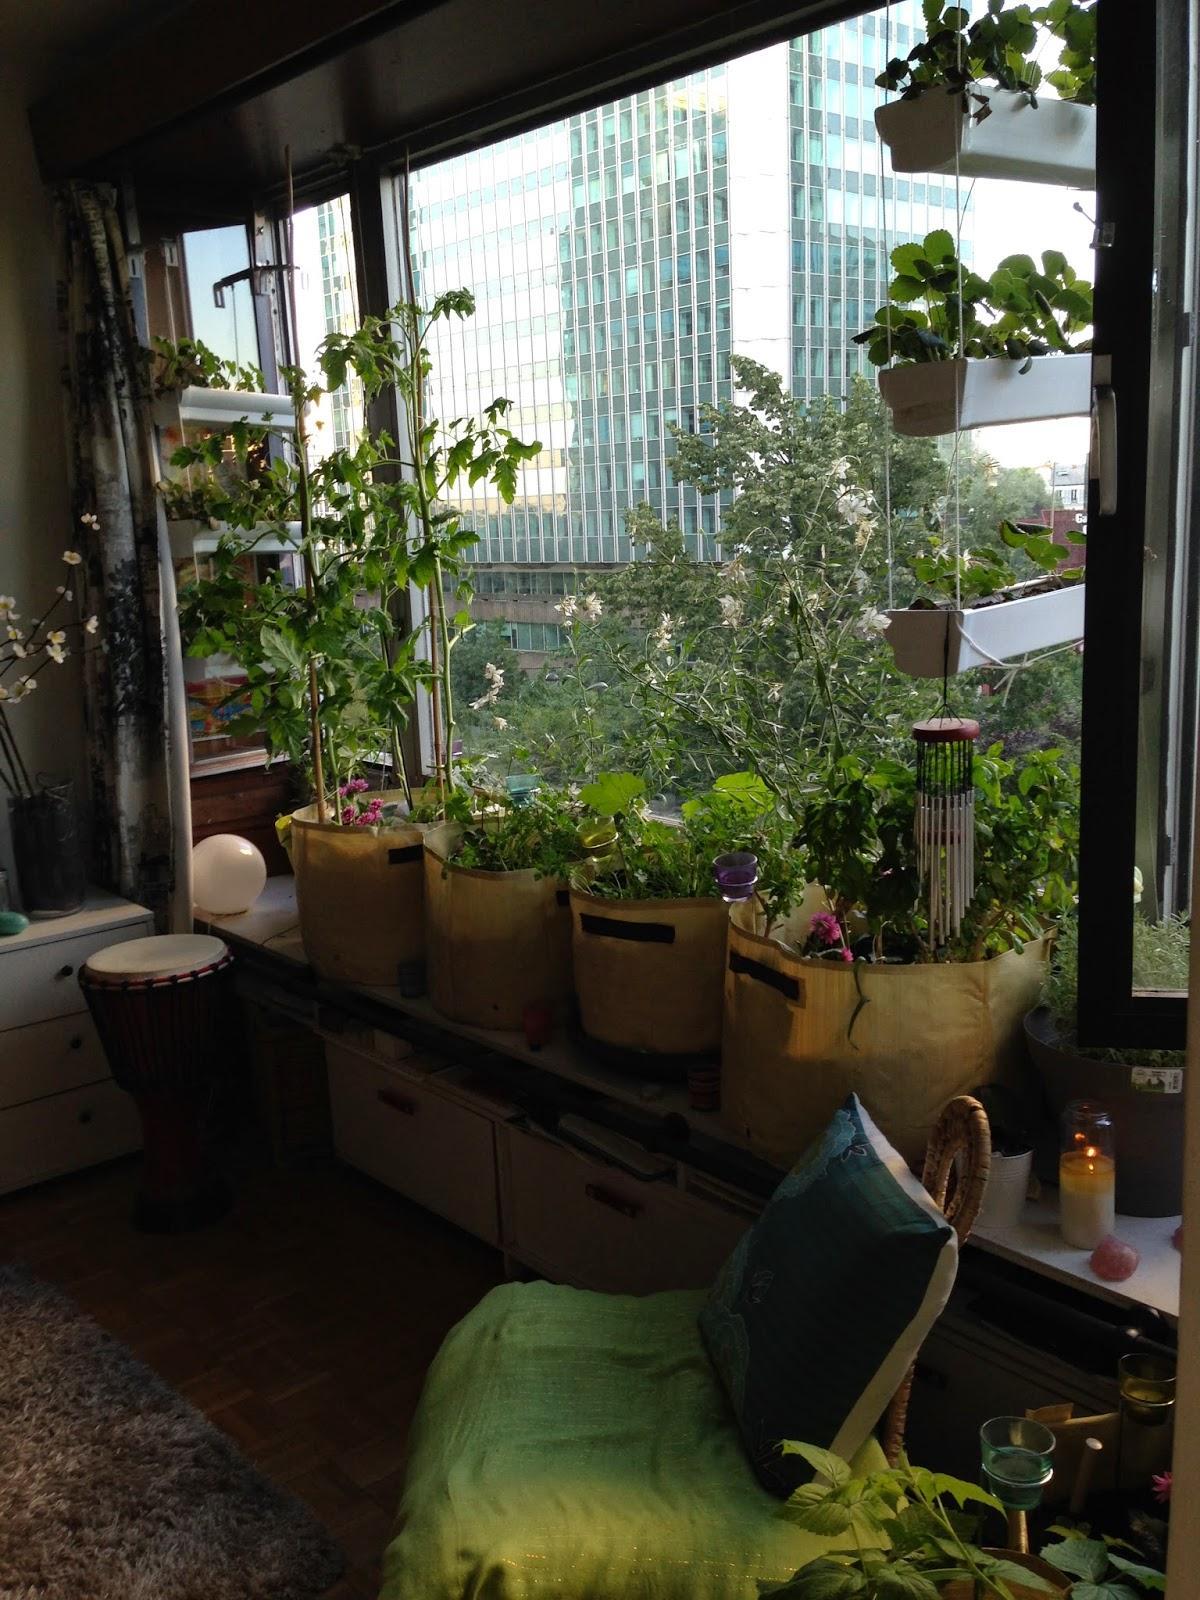 Le potager d 39 int rieur 2014 r ussites checs for Cherche appartement avec jardin